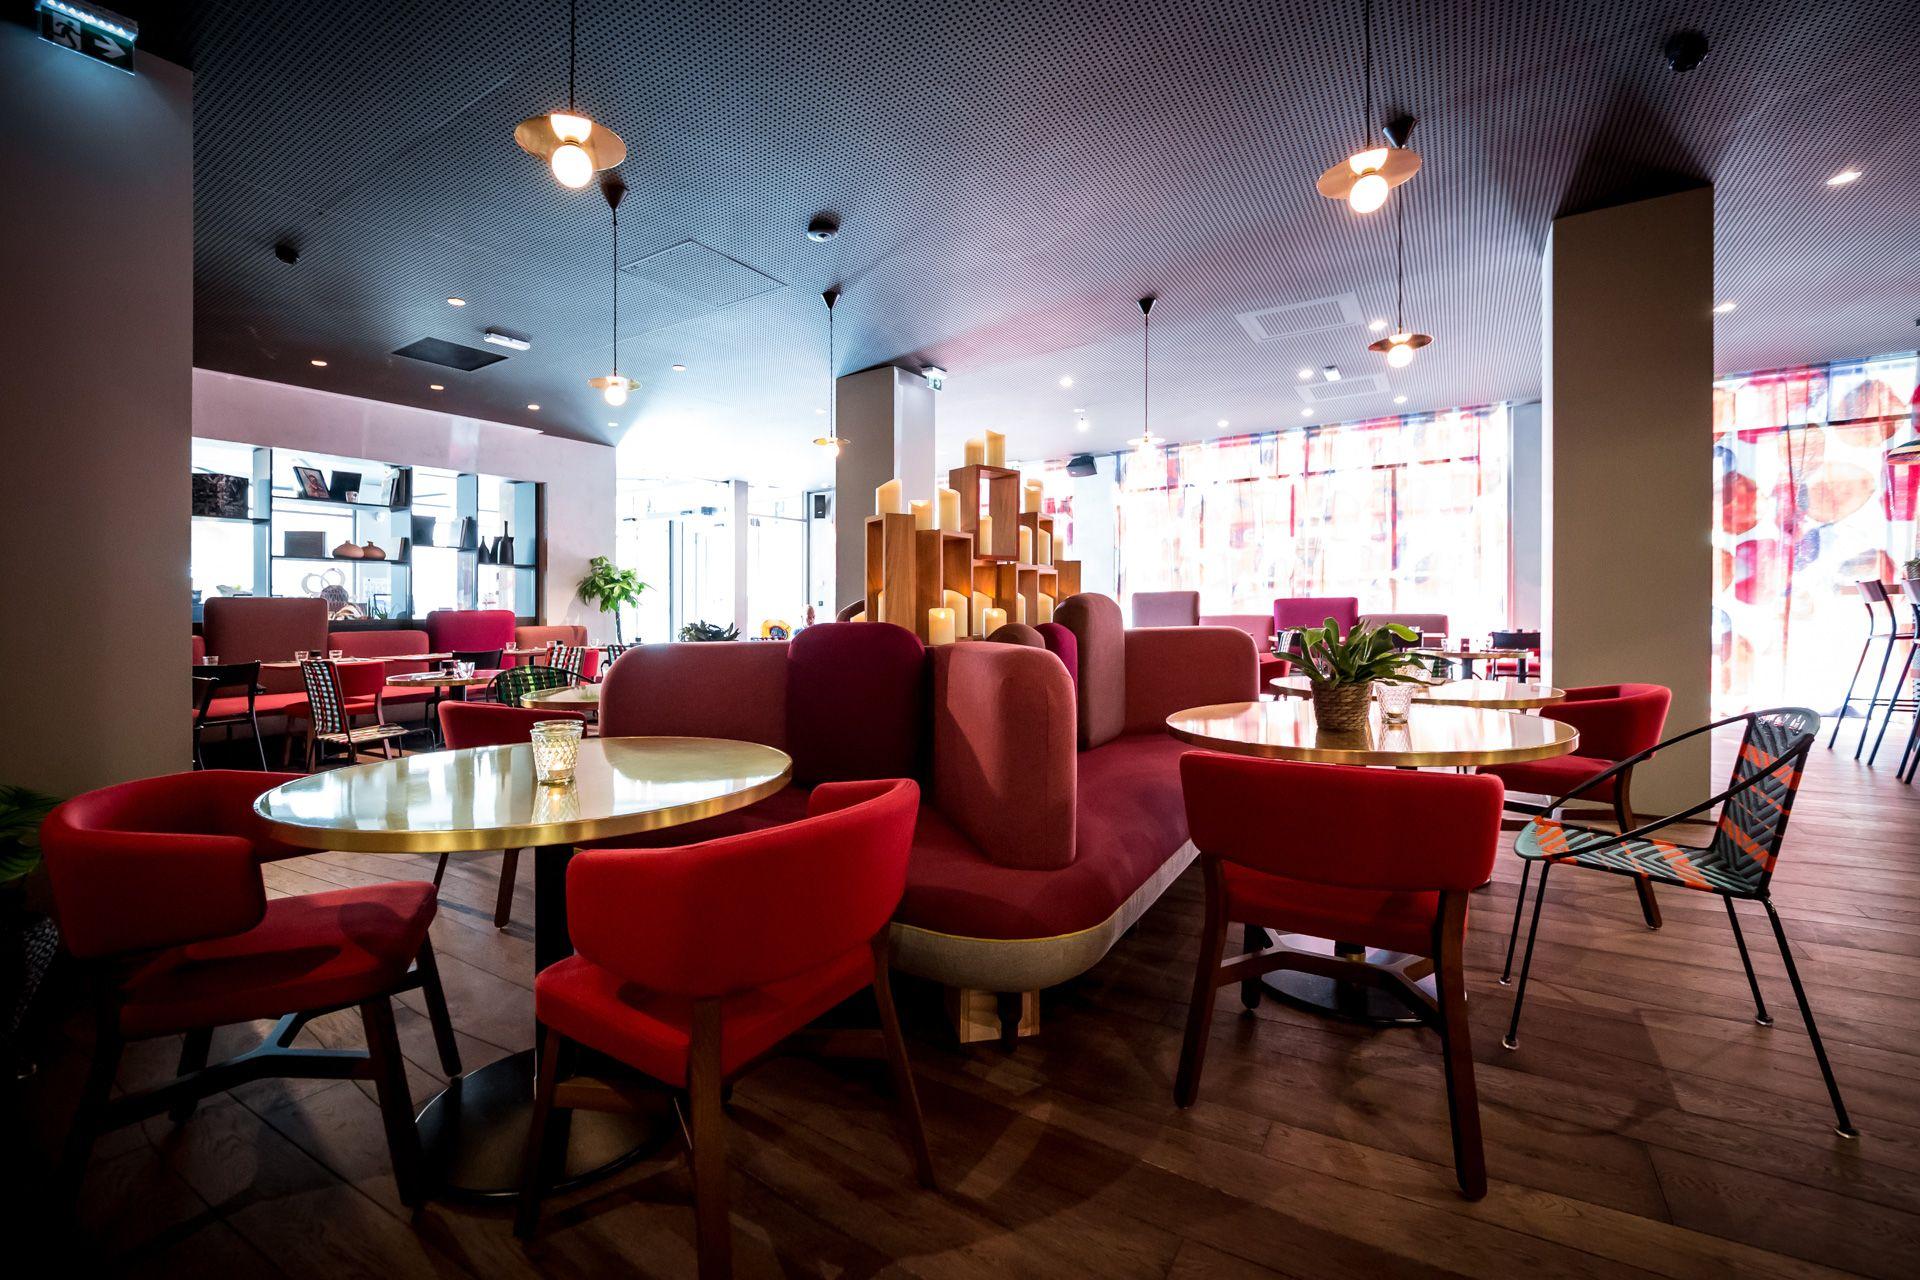 Decouvrez Le Concept De L Hotel Boma A Strasbourg Qui A Choisi Le Savoir Faire De Collinet Pour La Realisation Des Banquette Design Mobilier De Salon Mobilier